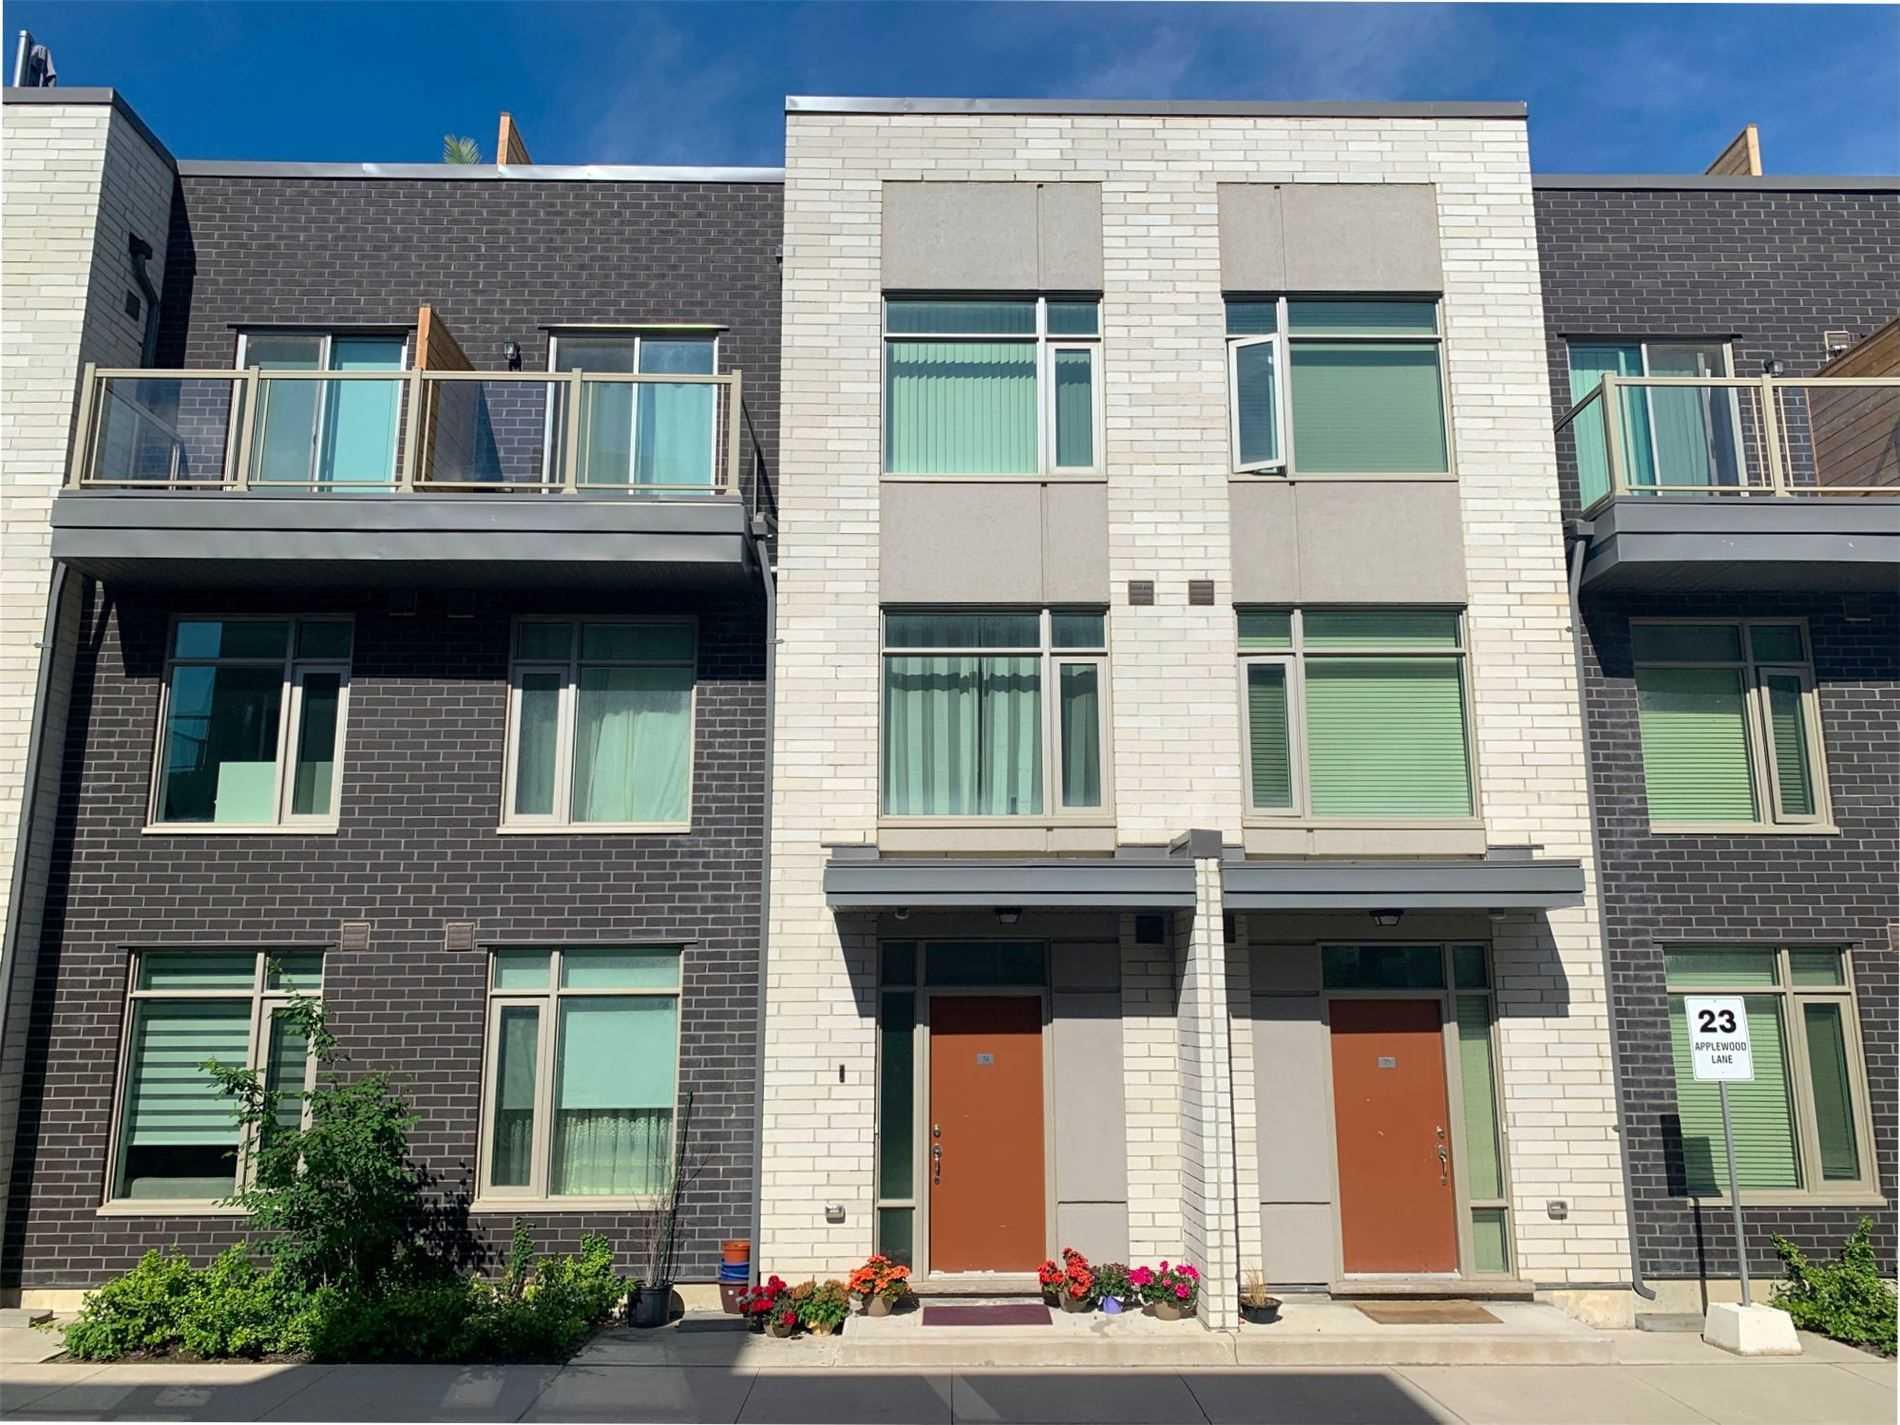 74 - 23 Applewood Lane, Toronto, M9C 0C1